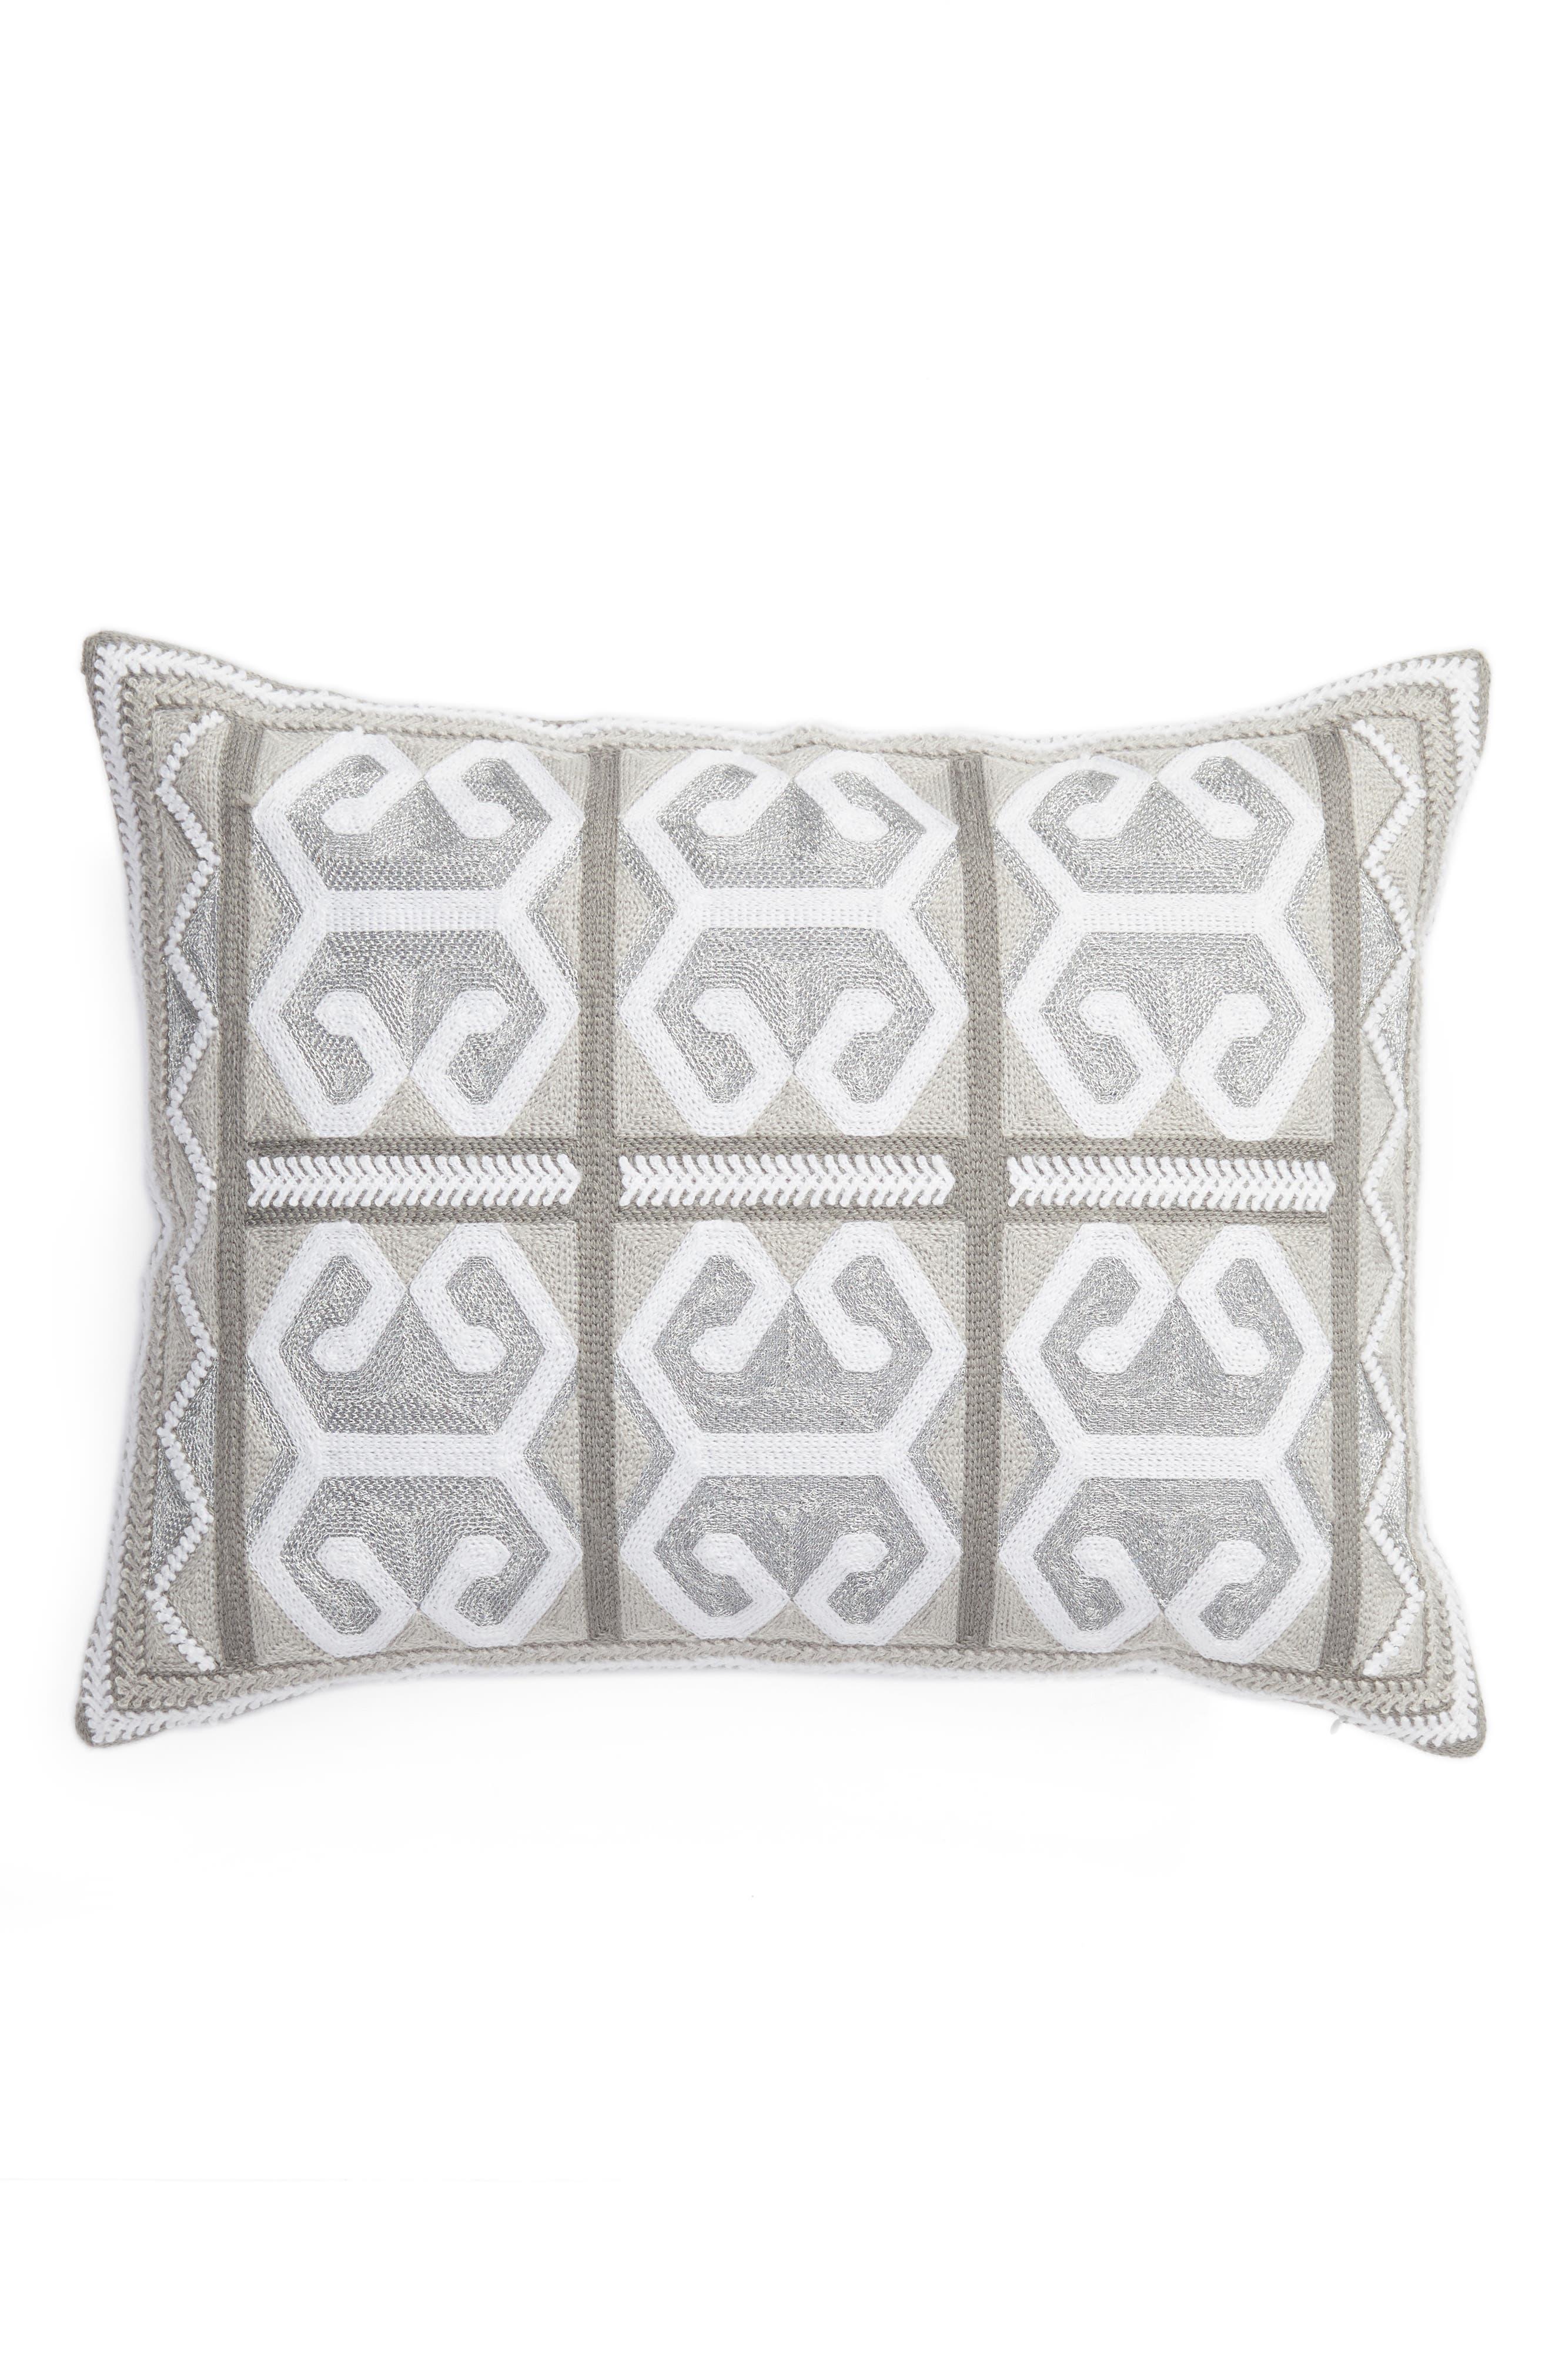 Decorative Pillow Sets Clearance. Wayfair Basics Throw Pillow Set Of 2. Pillow Perfect Outdoor ...